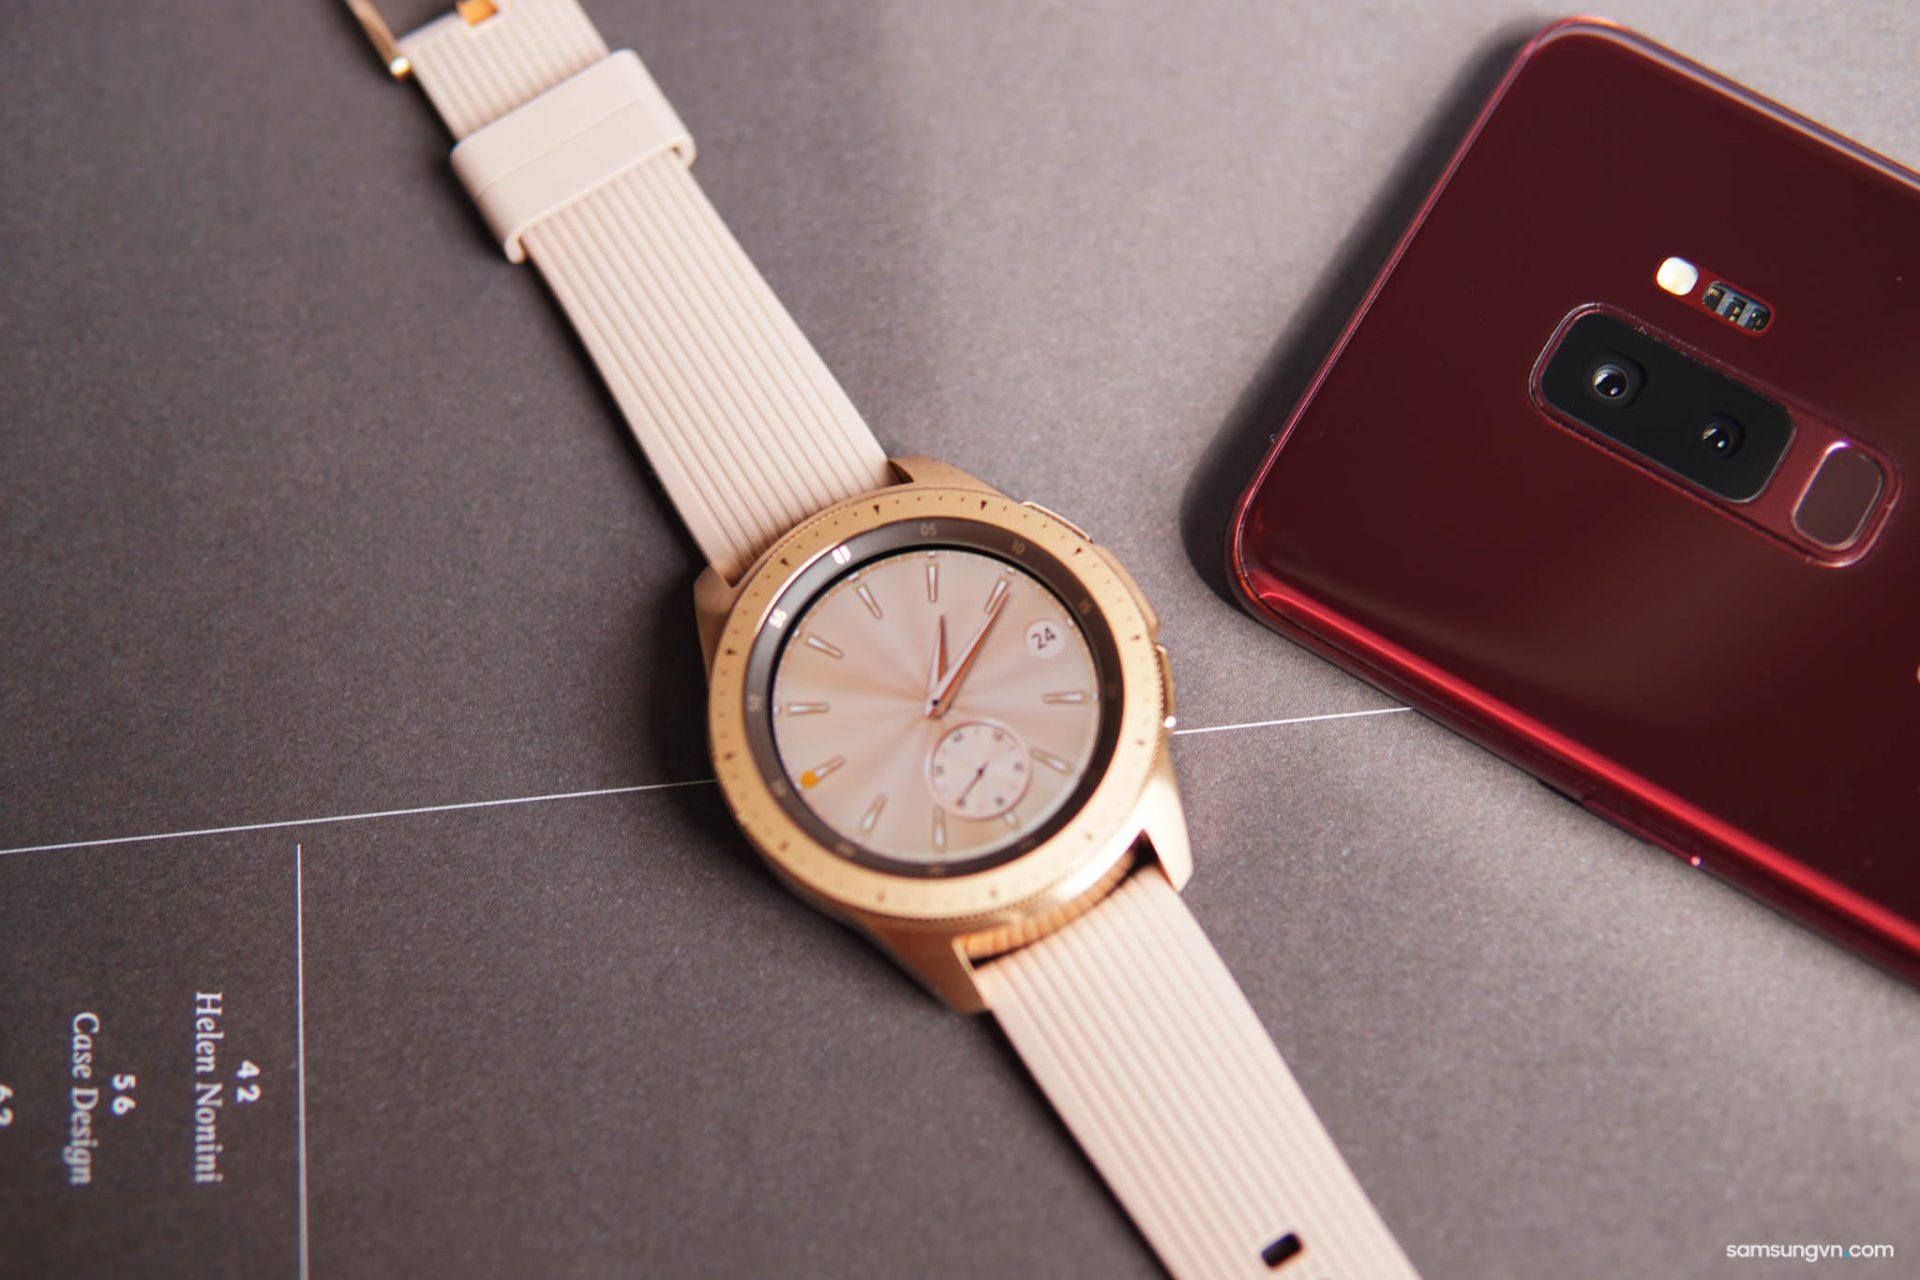 Mở hộp Galaxy Watch chính hãng Việt Nam: tuyệt tác kết hợp của công nghệ và thời trang